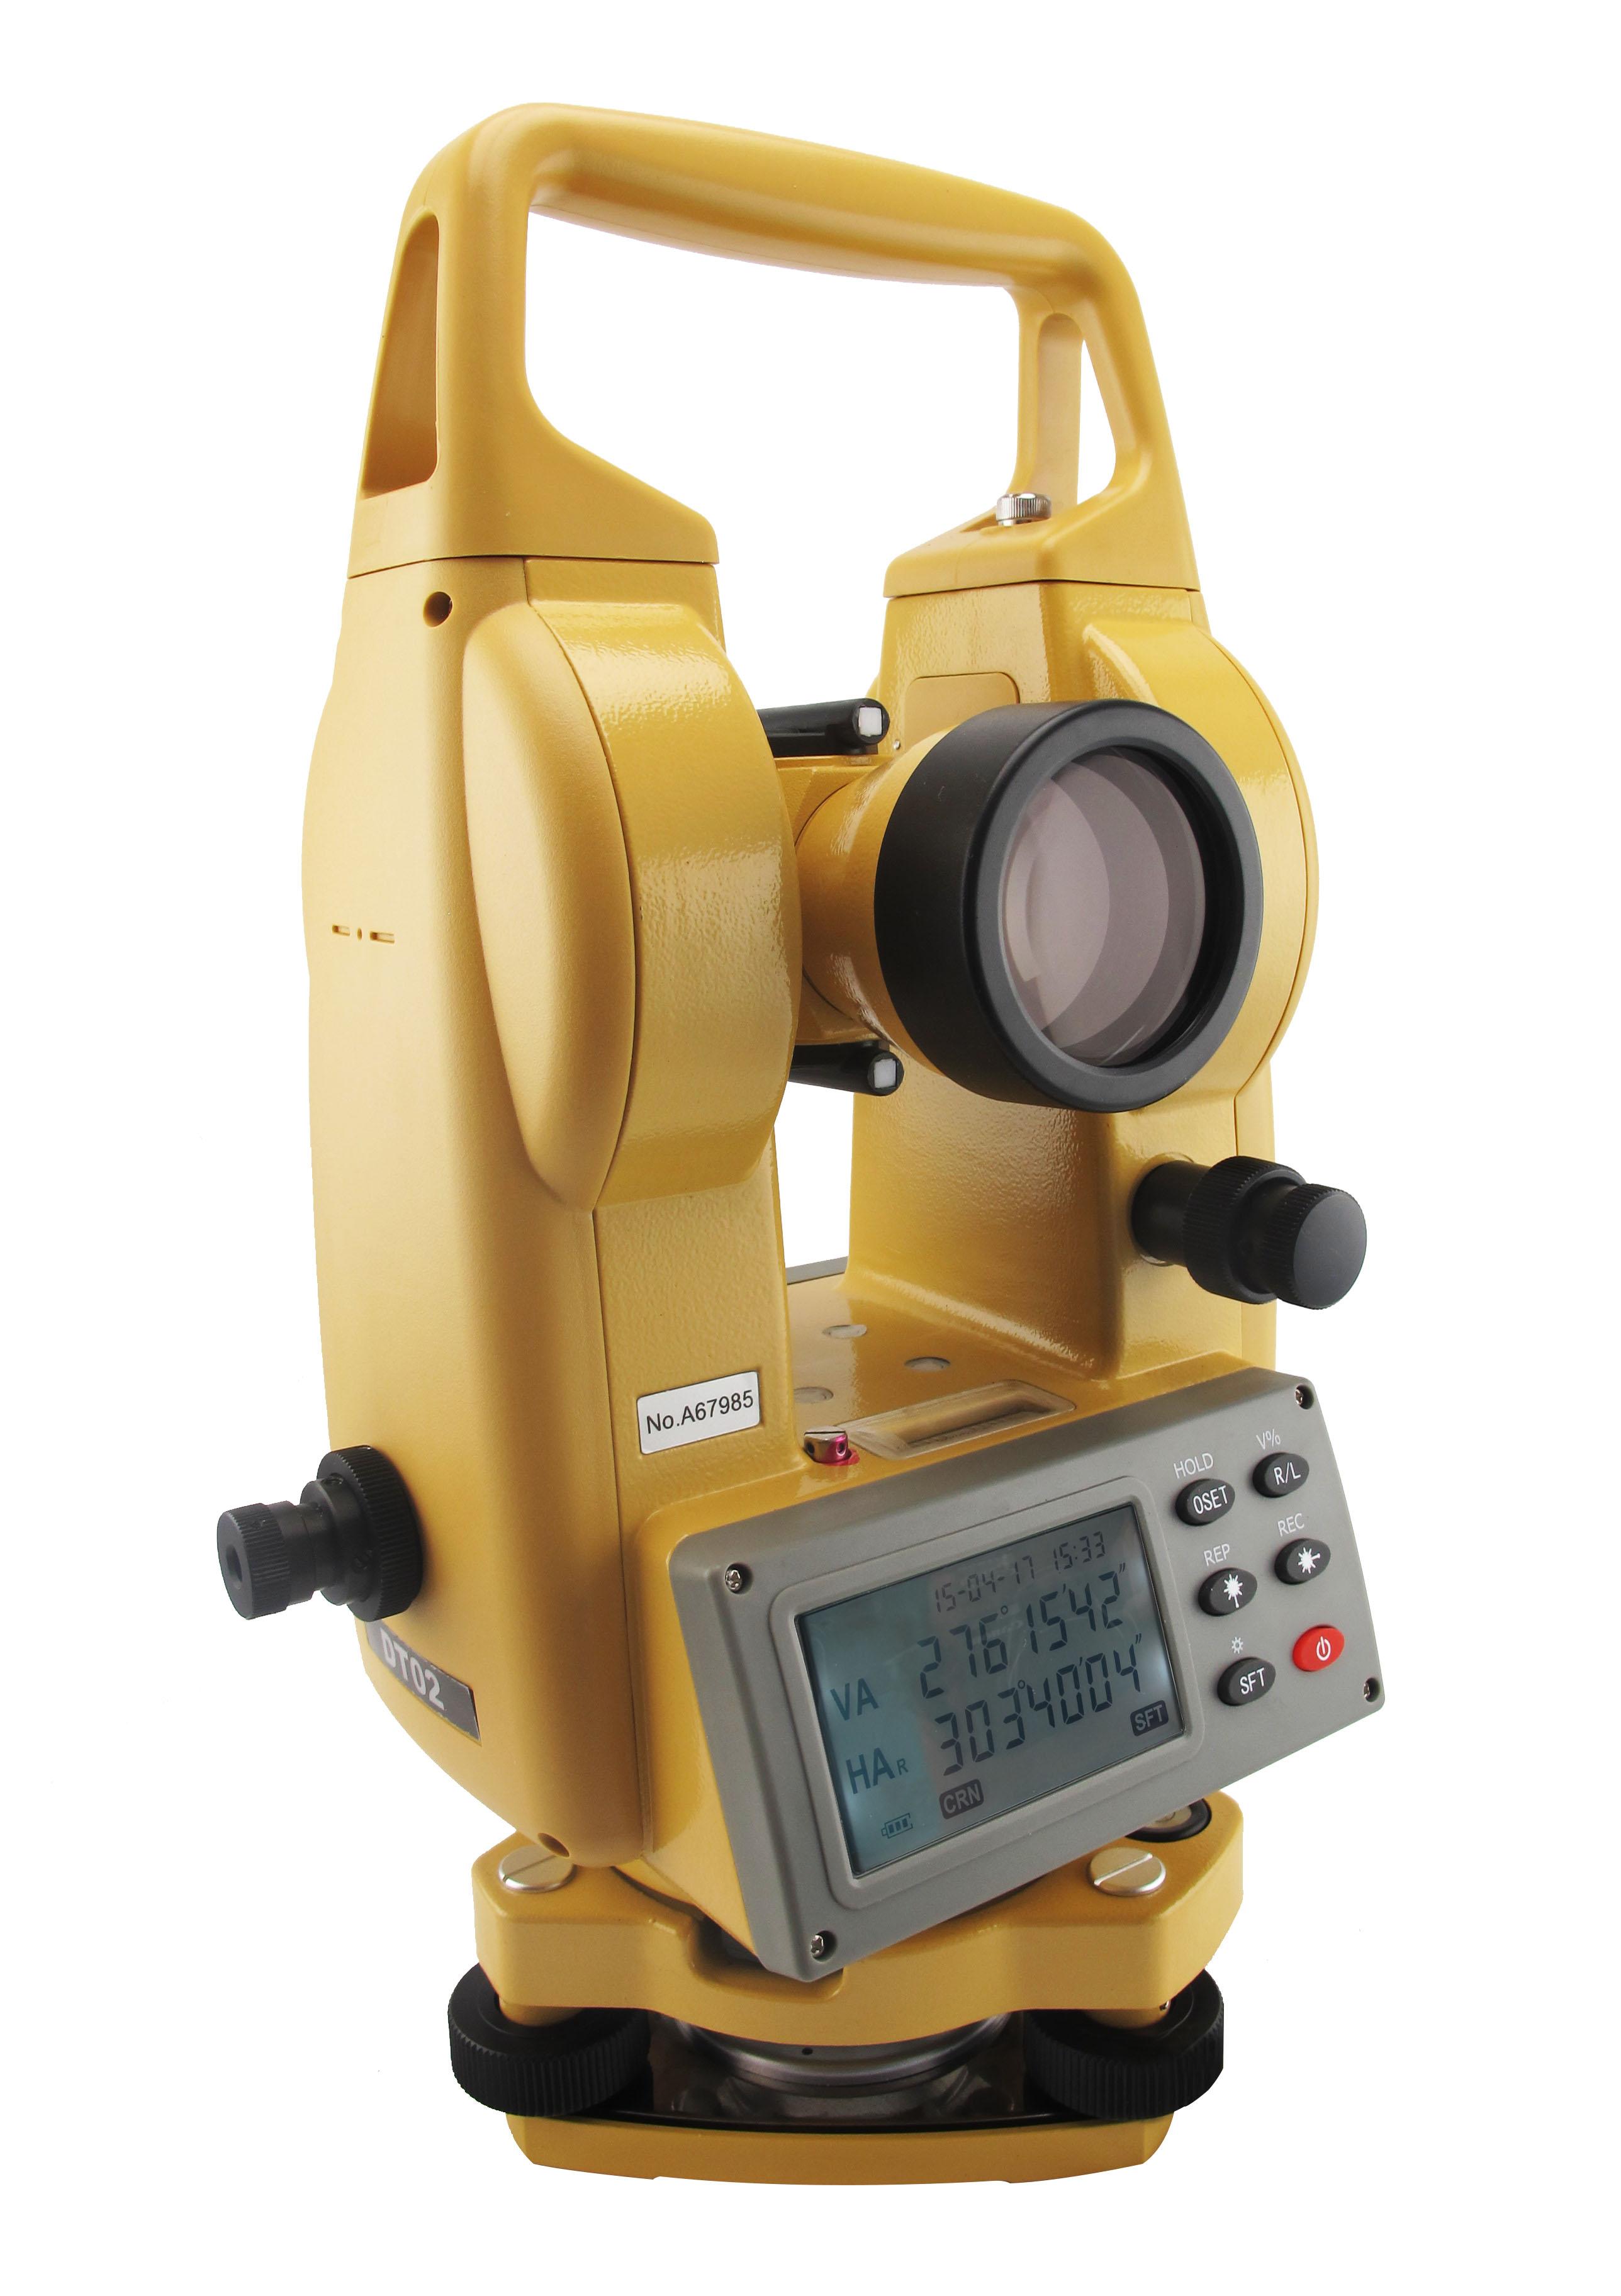 กล้องวัดมุมอิเล็กทรอนิกส์ ชนิดอ่านค่ามุมได้ละเอียด 5 ฟิลิปดา ( ระบบอัตโนมัติ ) ยี่ห้อ CIVIL รุ่น DT-02     ผลิตภัณฑ์ประเทศจีน  1. กล้องเล็งเป็นระบบเห็นภาพตั้งตรง 2. กำลังขยาย  30 เท่า 3. ขนาดเส้นผ่าศูนย์กลางเลนส์ปากกล้องไม่ต่ำกว่า  45 มิลลิเมตร 4. ขนาดความกว้างของภาพที่เห็นในระยะ  100 เมตร ไม่น้อยกว่า 2.6 เมตร หรือ 1 องศา 30 ลิปดา 5. ระยะมองเห็นภาพชัดใกล้สุดไม่เกิน  1.3  เมตร 6. ค่าตัวคูณคงที่  100 7. ค่าตัวบวกคงที่  0 8. ระบบอัตโนมัติโดยใช้ COMPENSATOR มีช่วงการทำงาน  ±3 ลิปดา 9. เป็นกล้องแบบอิเล็กทรอนิกส์แสดงหน่วยวัดเป็น องศา ลิปดา ฟิลิปดา      เป็นตัวเลขอ่านได้บนจอ LCD ( Liquid Crystal Display ) ทั้ง 2 หน้าของตัวกล้อง 10. แสดงค่ามุมที่วัดได้ละเอียดโดยตรง ไม่เกิน  5 ฟิลิปดา 11. ค่าความถูกต้องในการอ่านมุม ( Accuracy ) ไม่เกิน  2 ฟิลิปดา 12. ความไวของระดับฟองกลม  8  ลิปดา  / 2 มิลลิเมตร หรือดีกว่า 13. ความไวของระดับฟองยาว  30  ฟิลิปดา / 2 มิลลิเมตร หรือดีกว่า 14. สามารถแสดงผลทั้งเป็นมุมราบ และเป็นมุมดิ่ง 15. มีแบตเตอรี่ติดตั้งภายในและสามารถบอกระดับแบตเตอรี่ได้ 16. ต้องได้รับประกาศนียบัตร ISO 9001